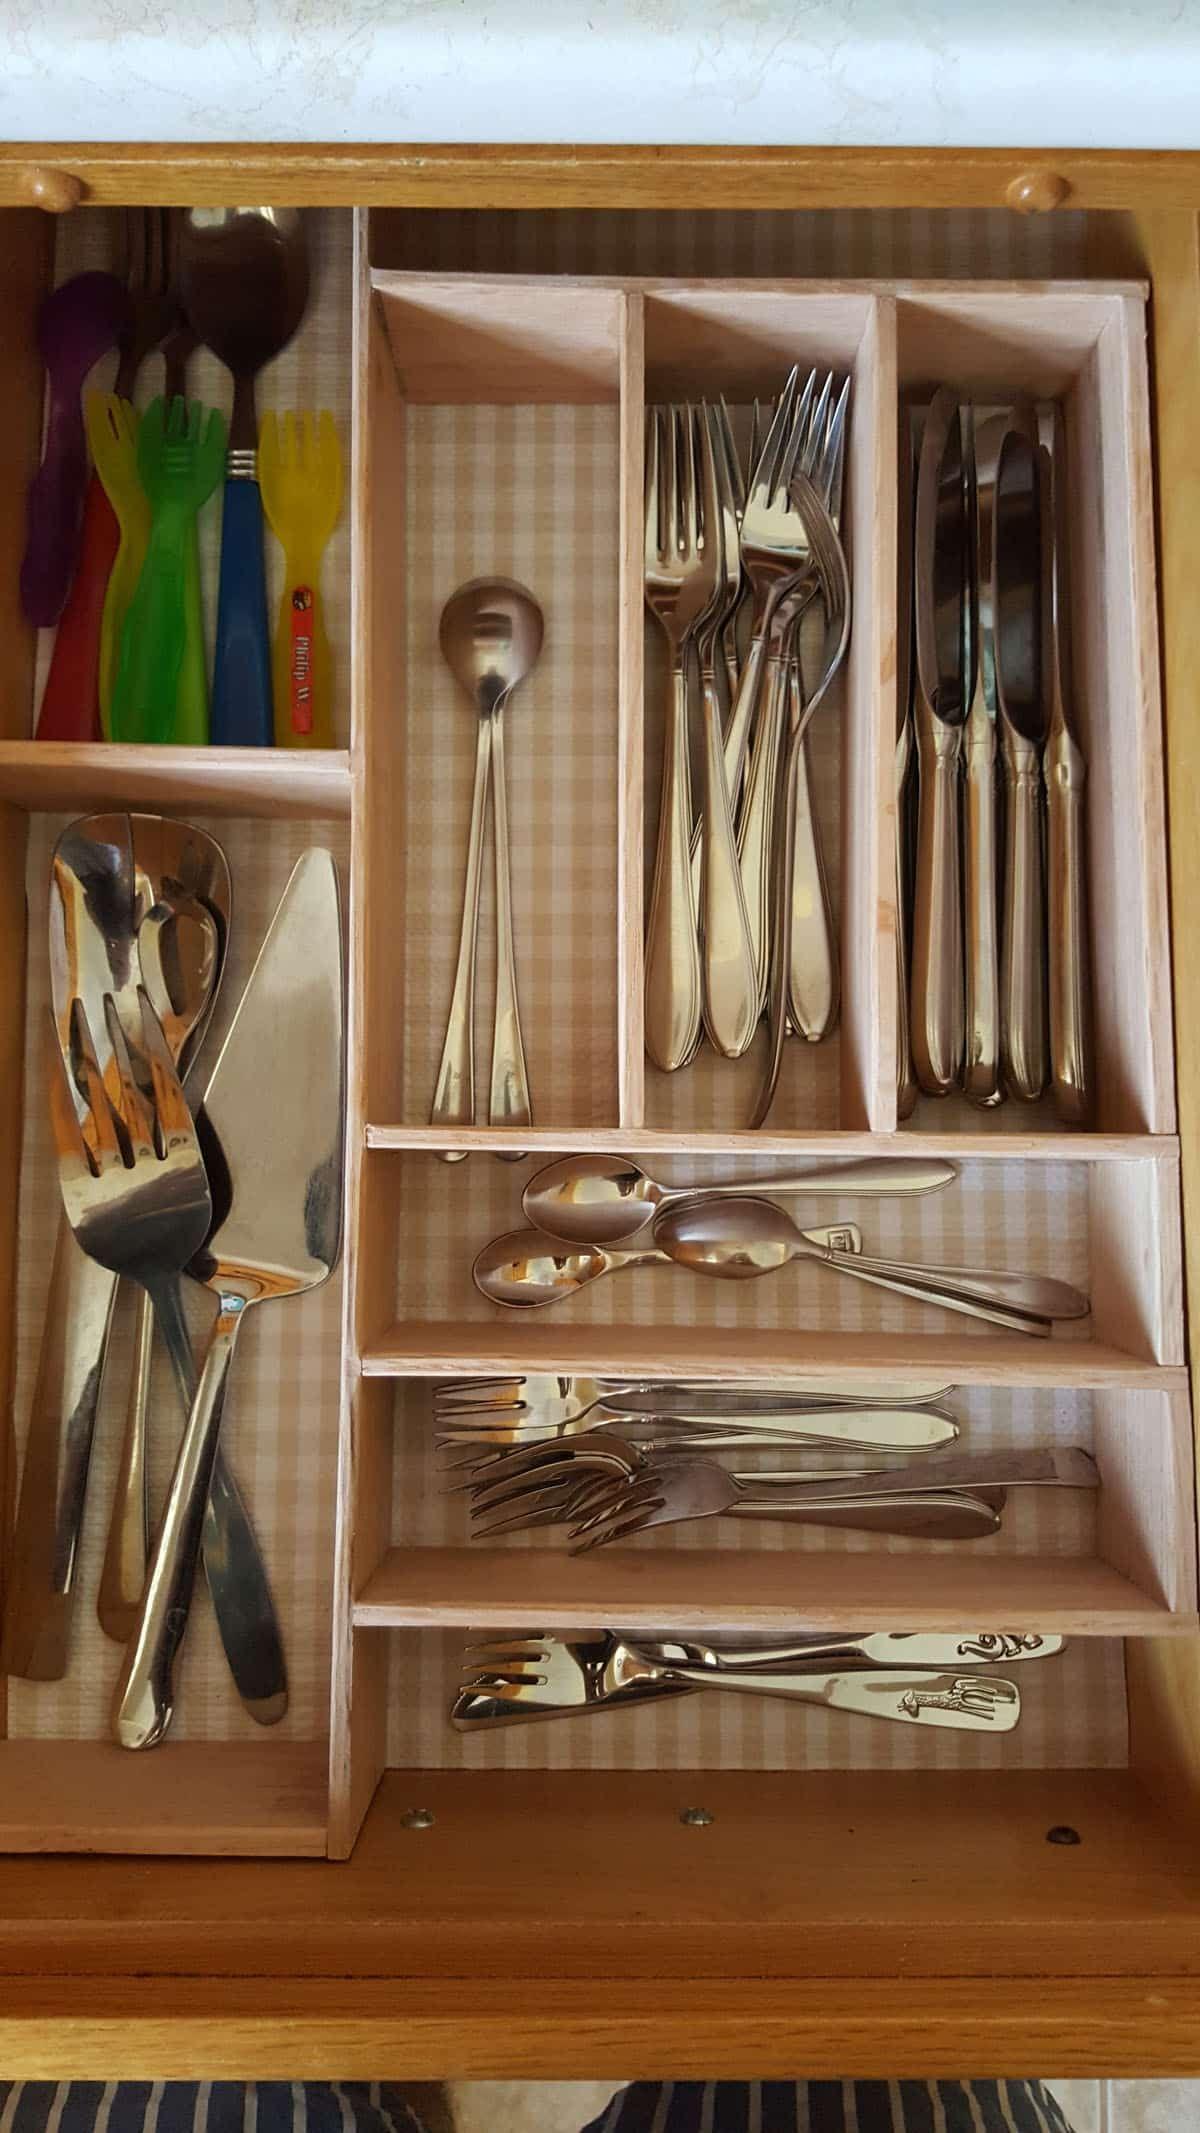 Besteckkasten für Schublade bauen: Schubladeneinsatz in 5 Schritten |  Schublade bauen, Besteckkasten, Selber bauen